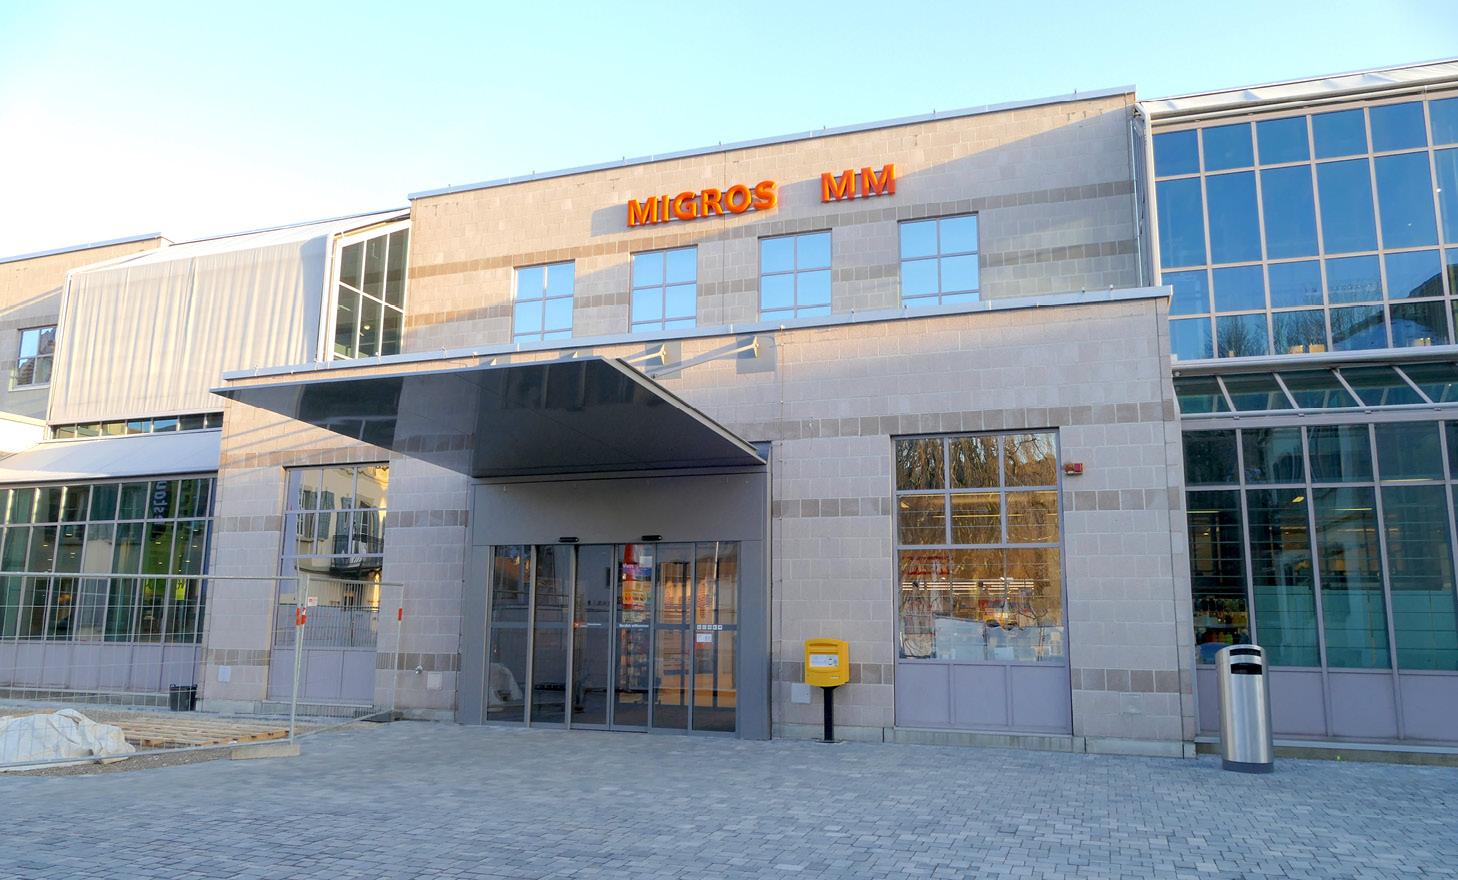 Einkaufscenter_MIgros2